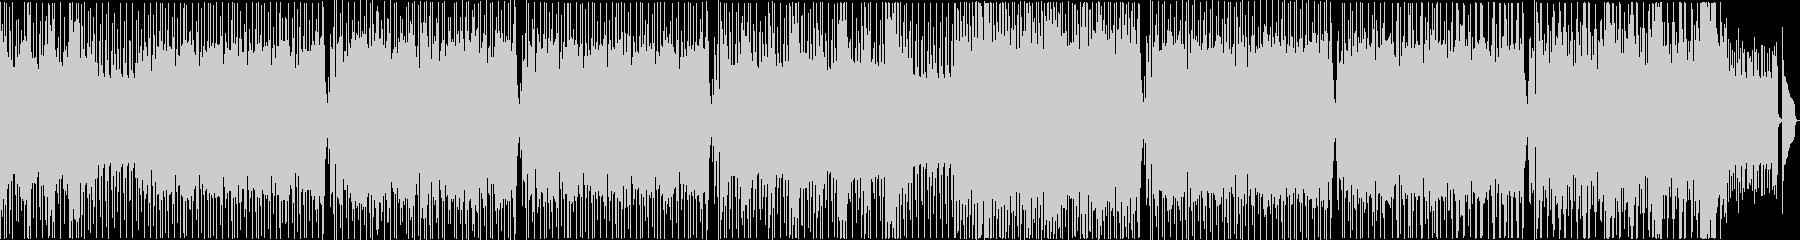 上品でおしとやかなリラックス系レゲェ の未再生の波形